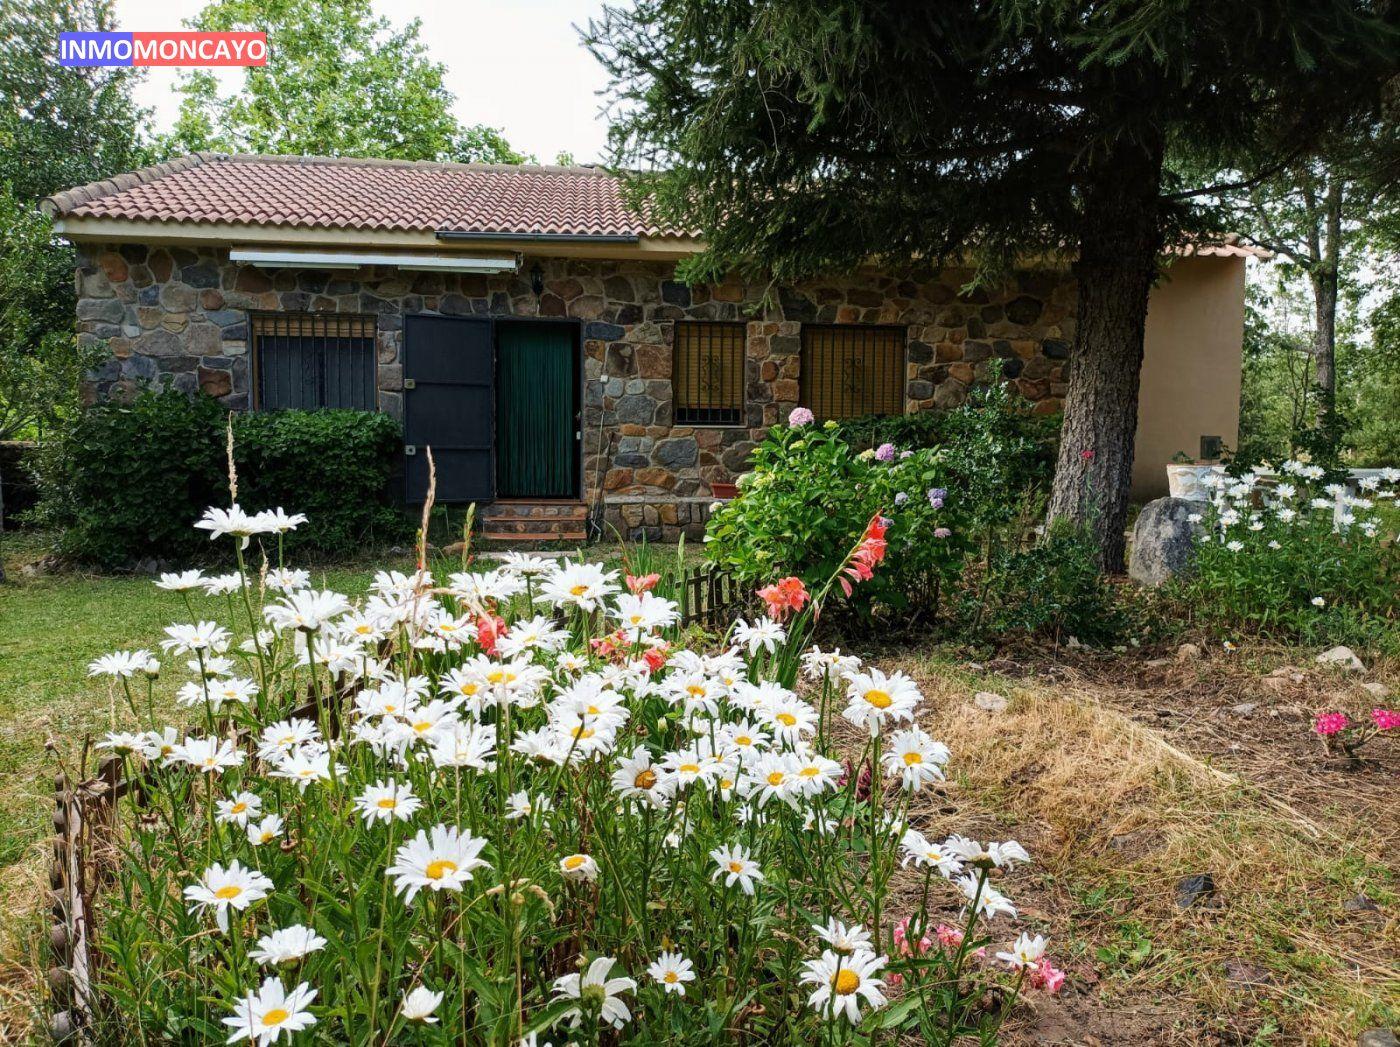 Casa en venta en Agramonte, Vozmediano